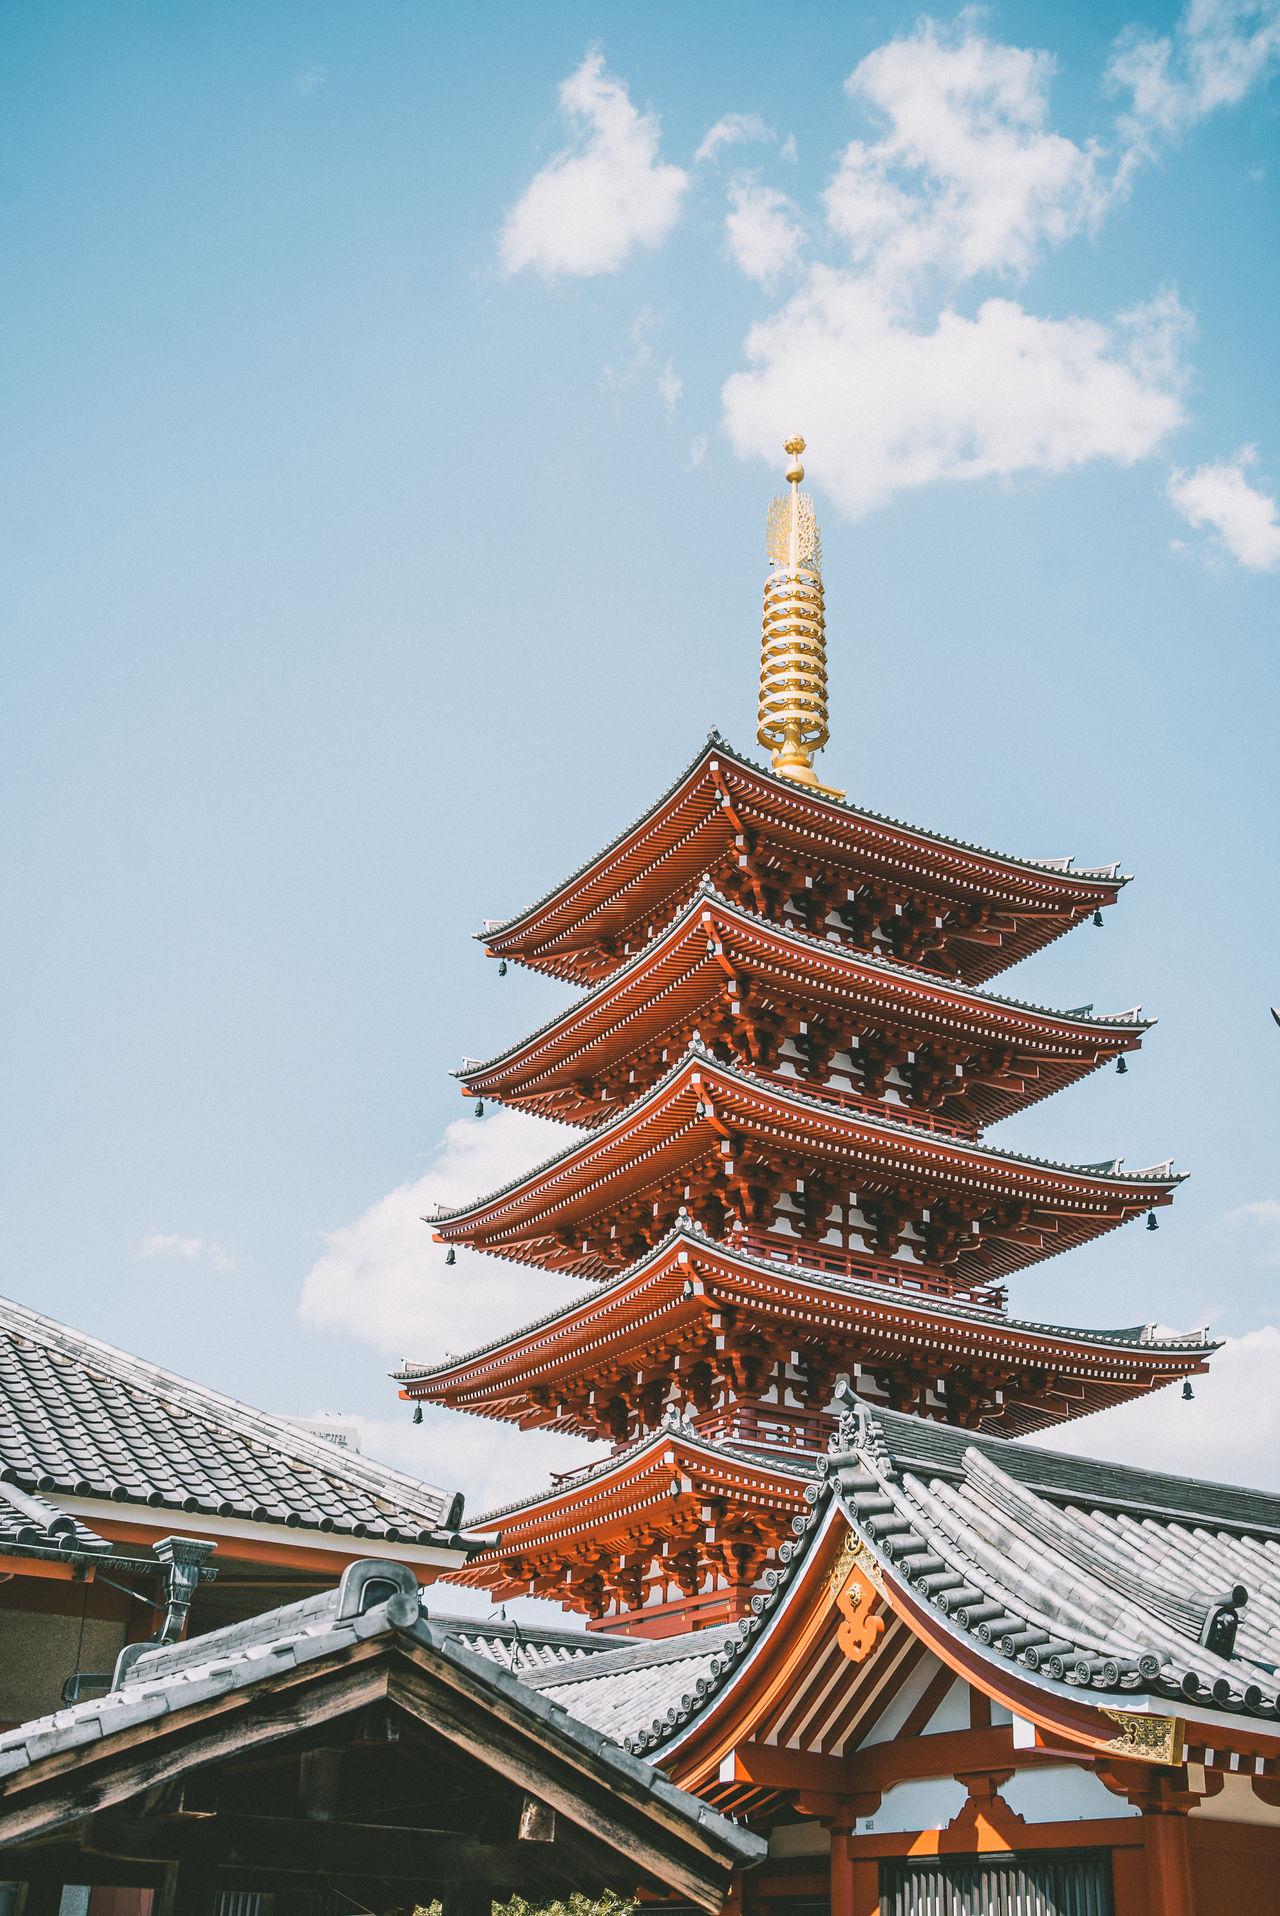 built structure, architecture, building exterior, religion, belief